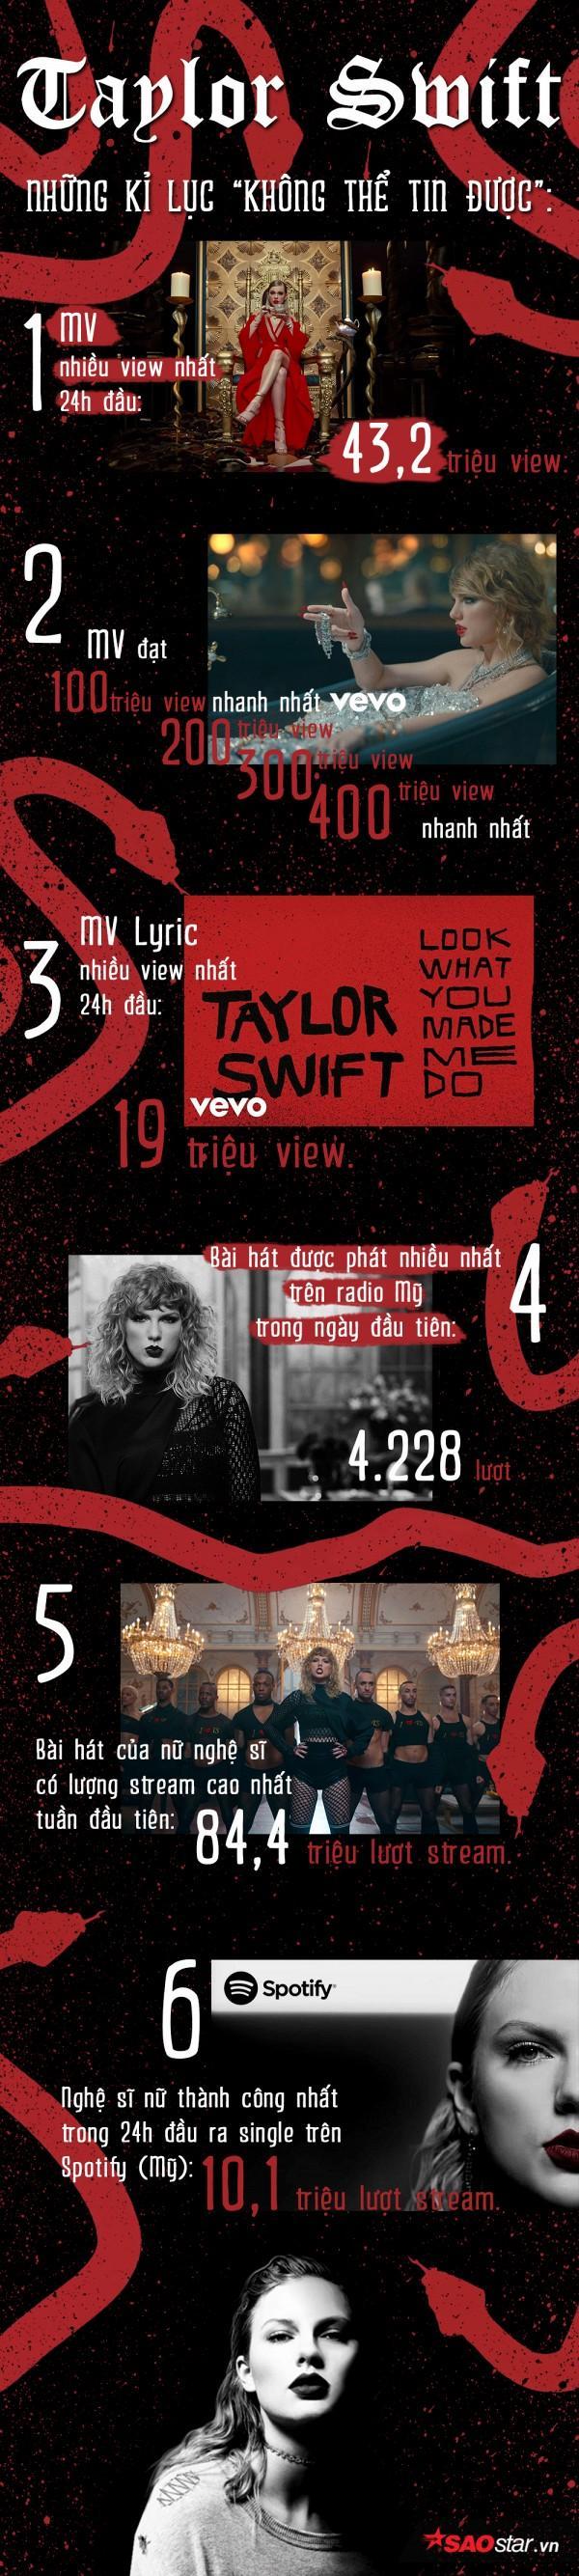 Infographic: Chỉ với 'Look What You Made Me Do', nữ hoàng kỉ lục gọi tên Taylor Swift-1